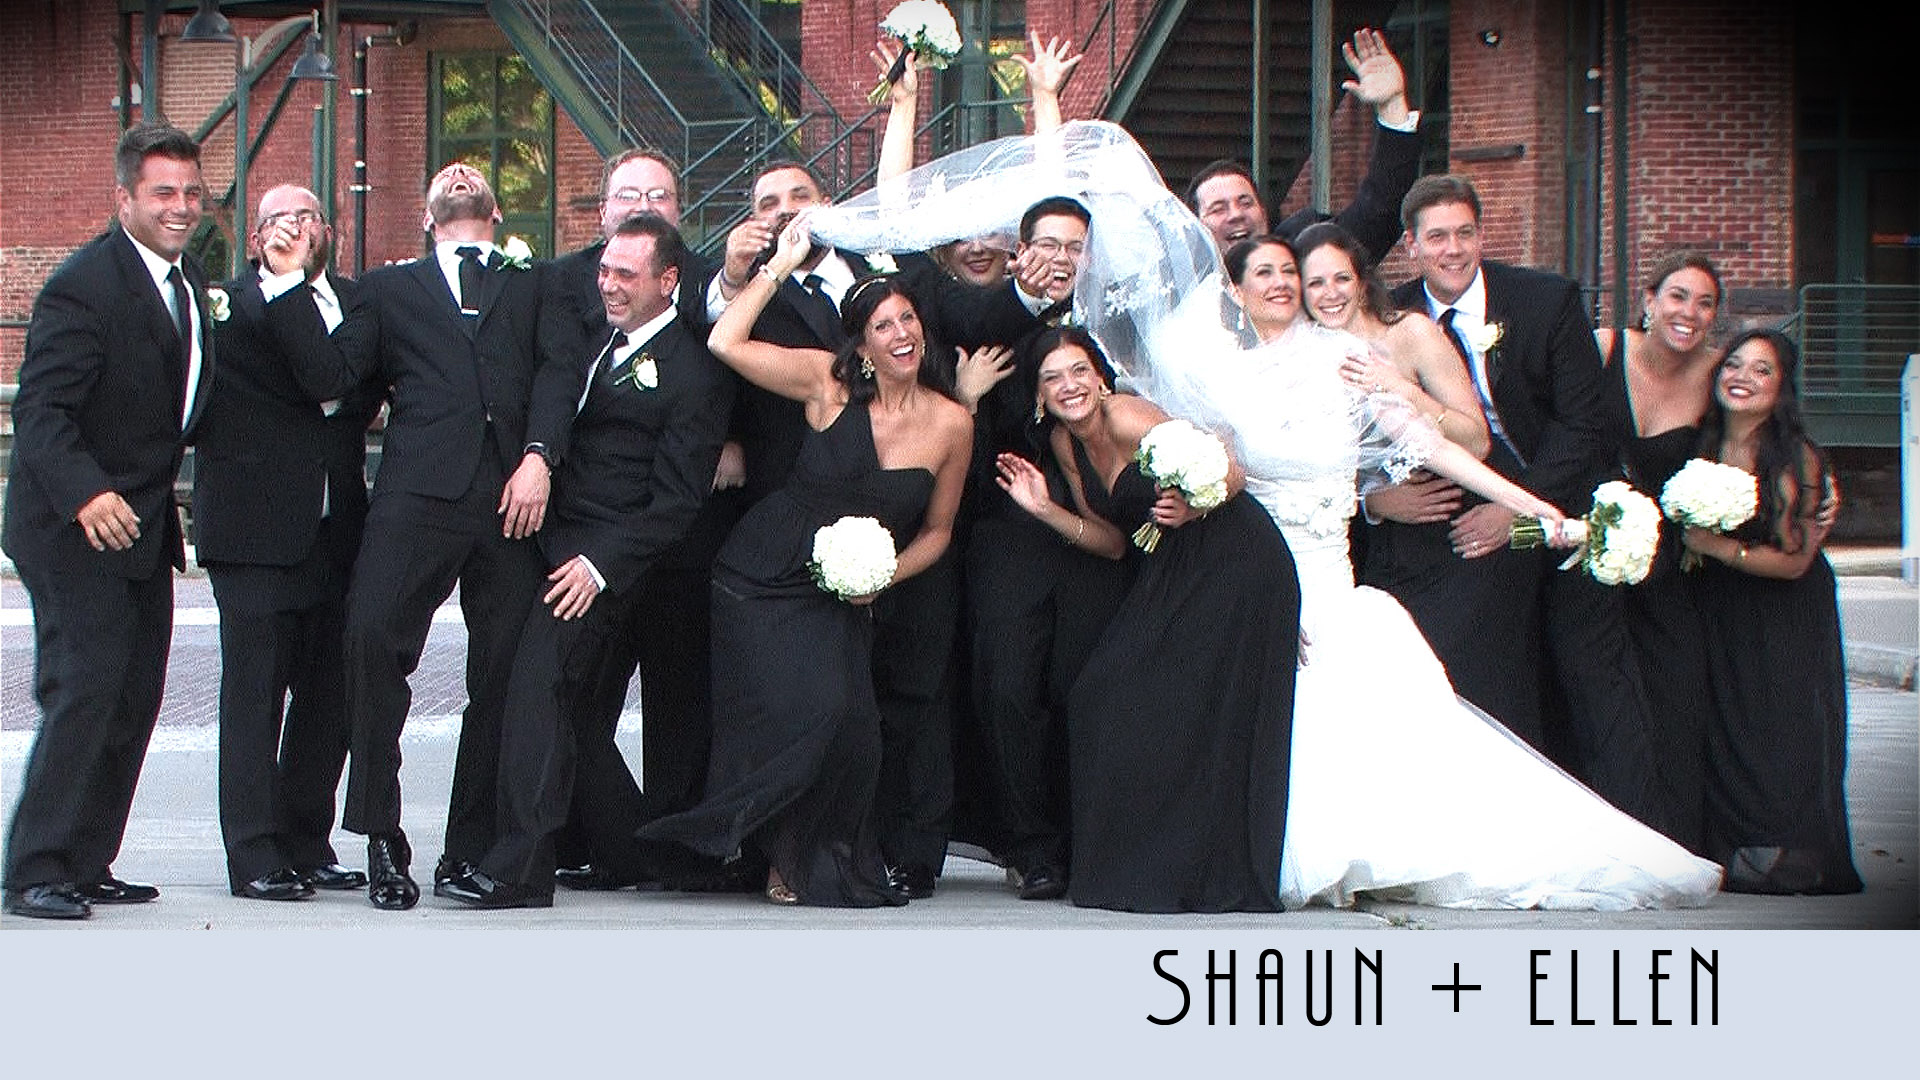 Shaun & Ellen – Rochester Wedding Video